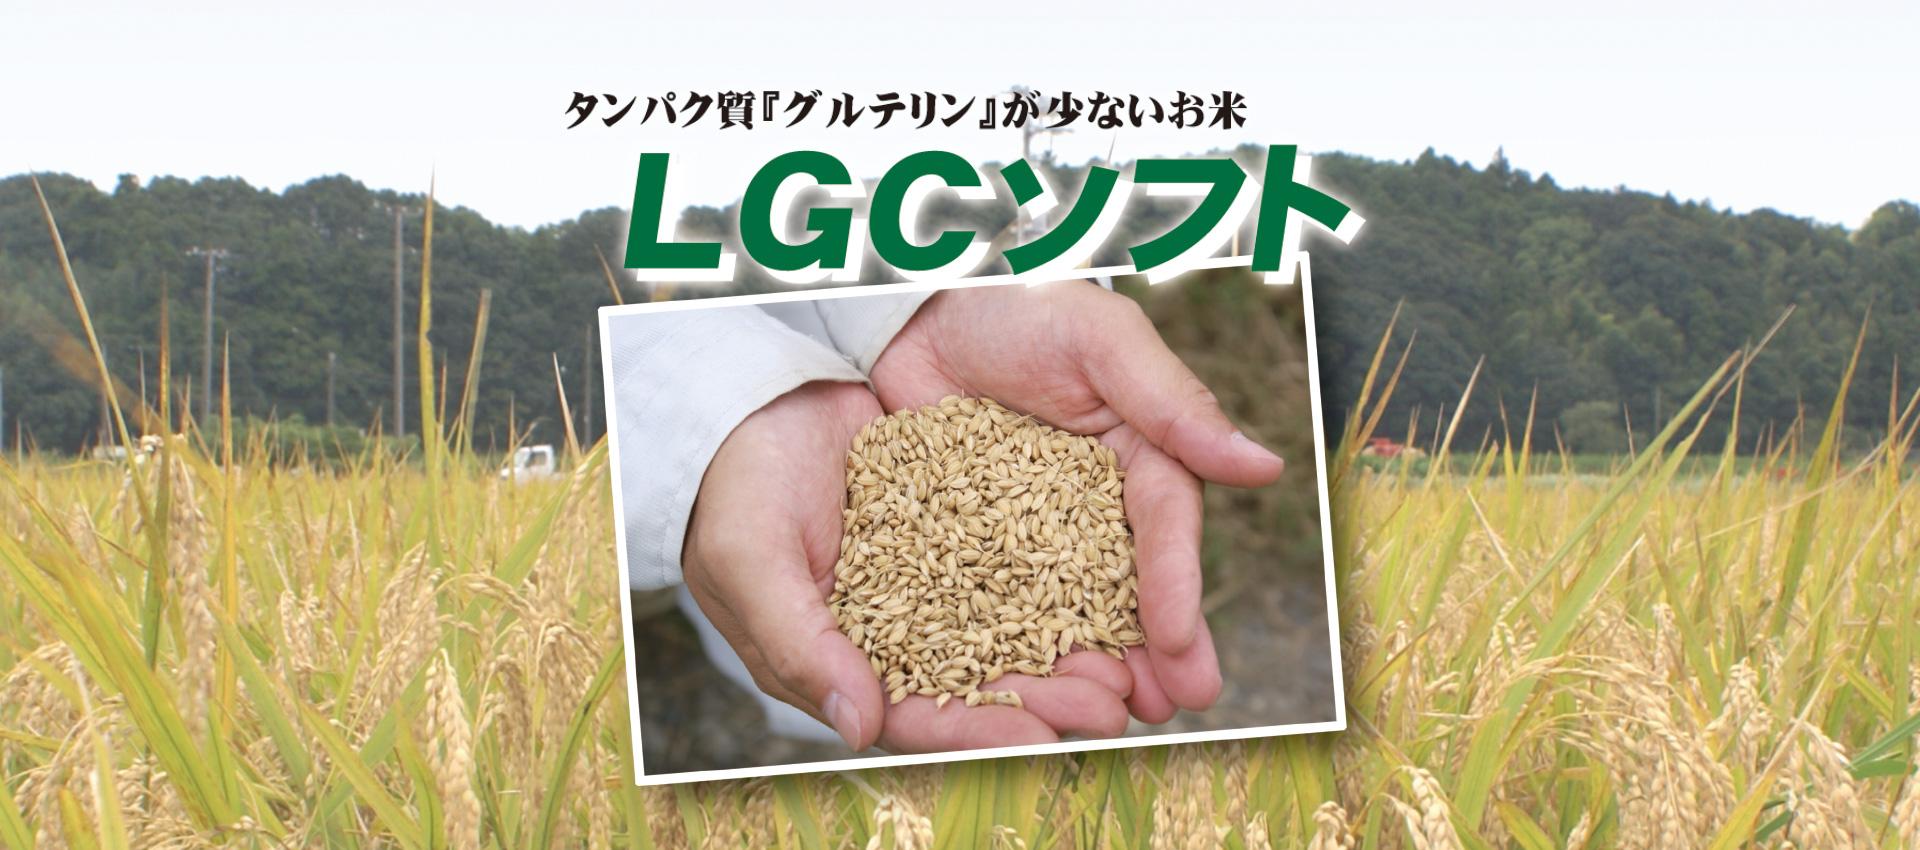 LGC1.jpg